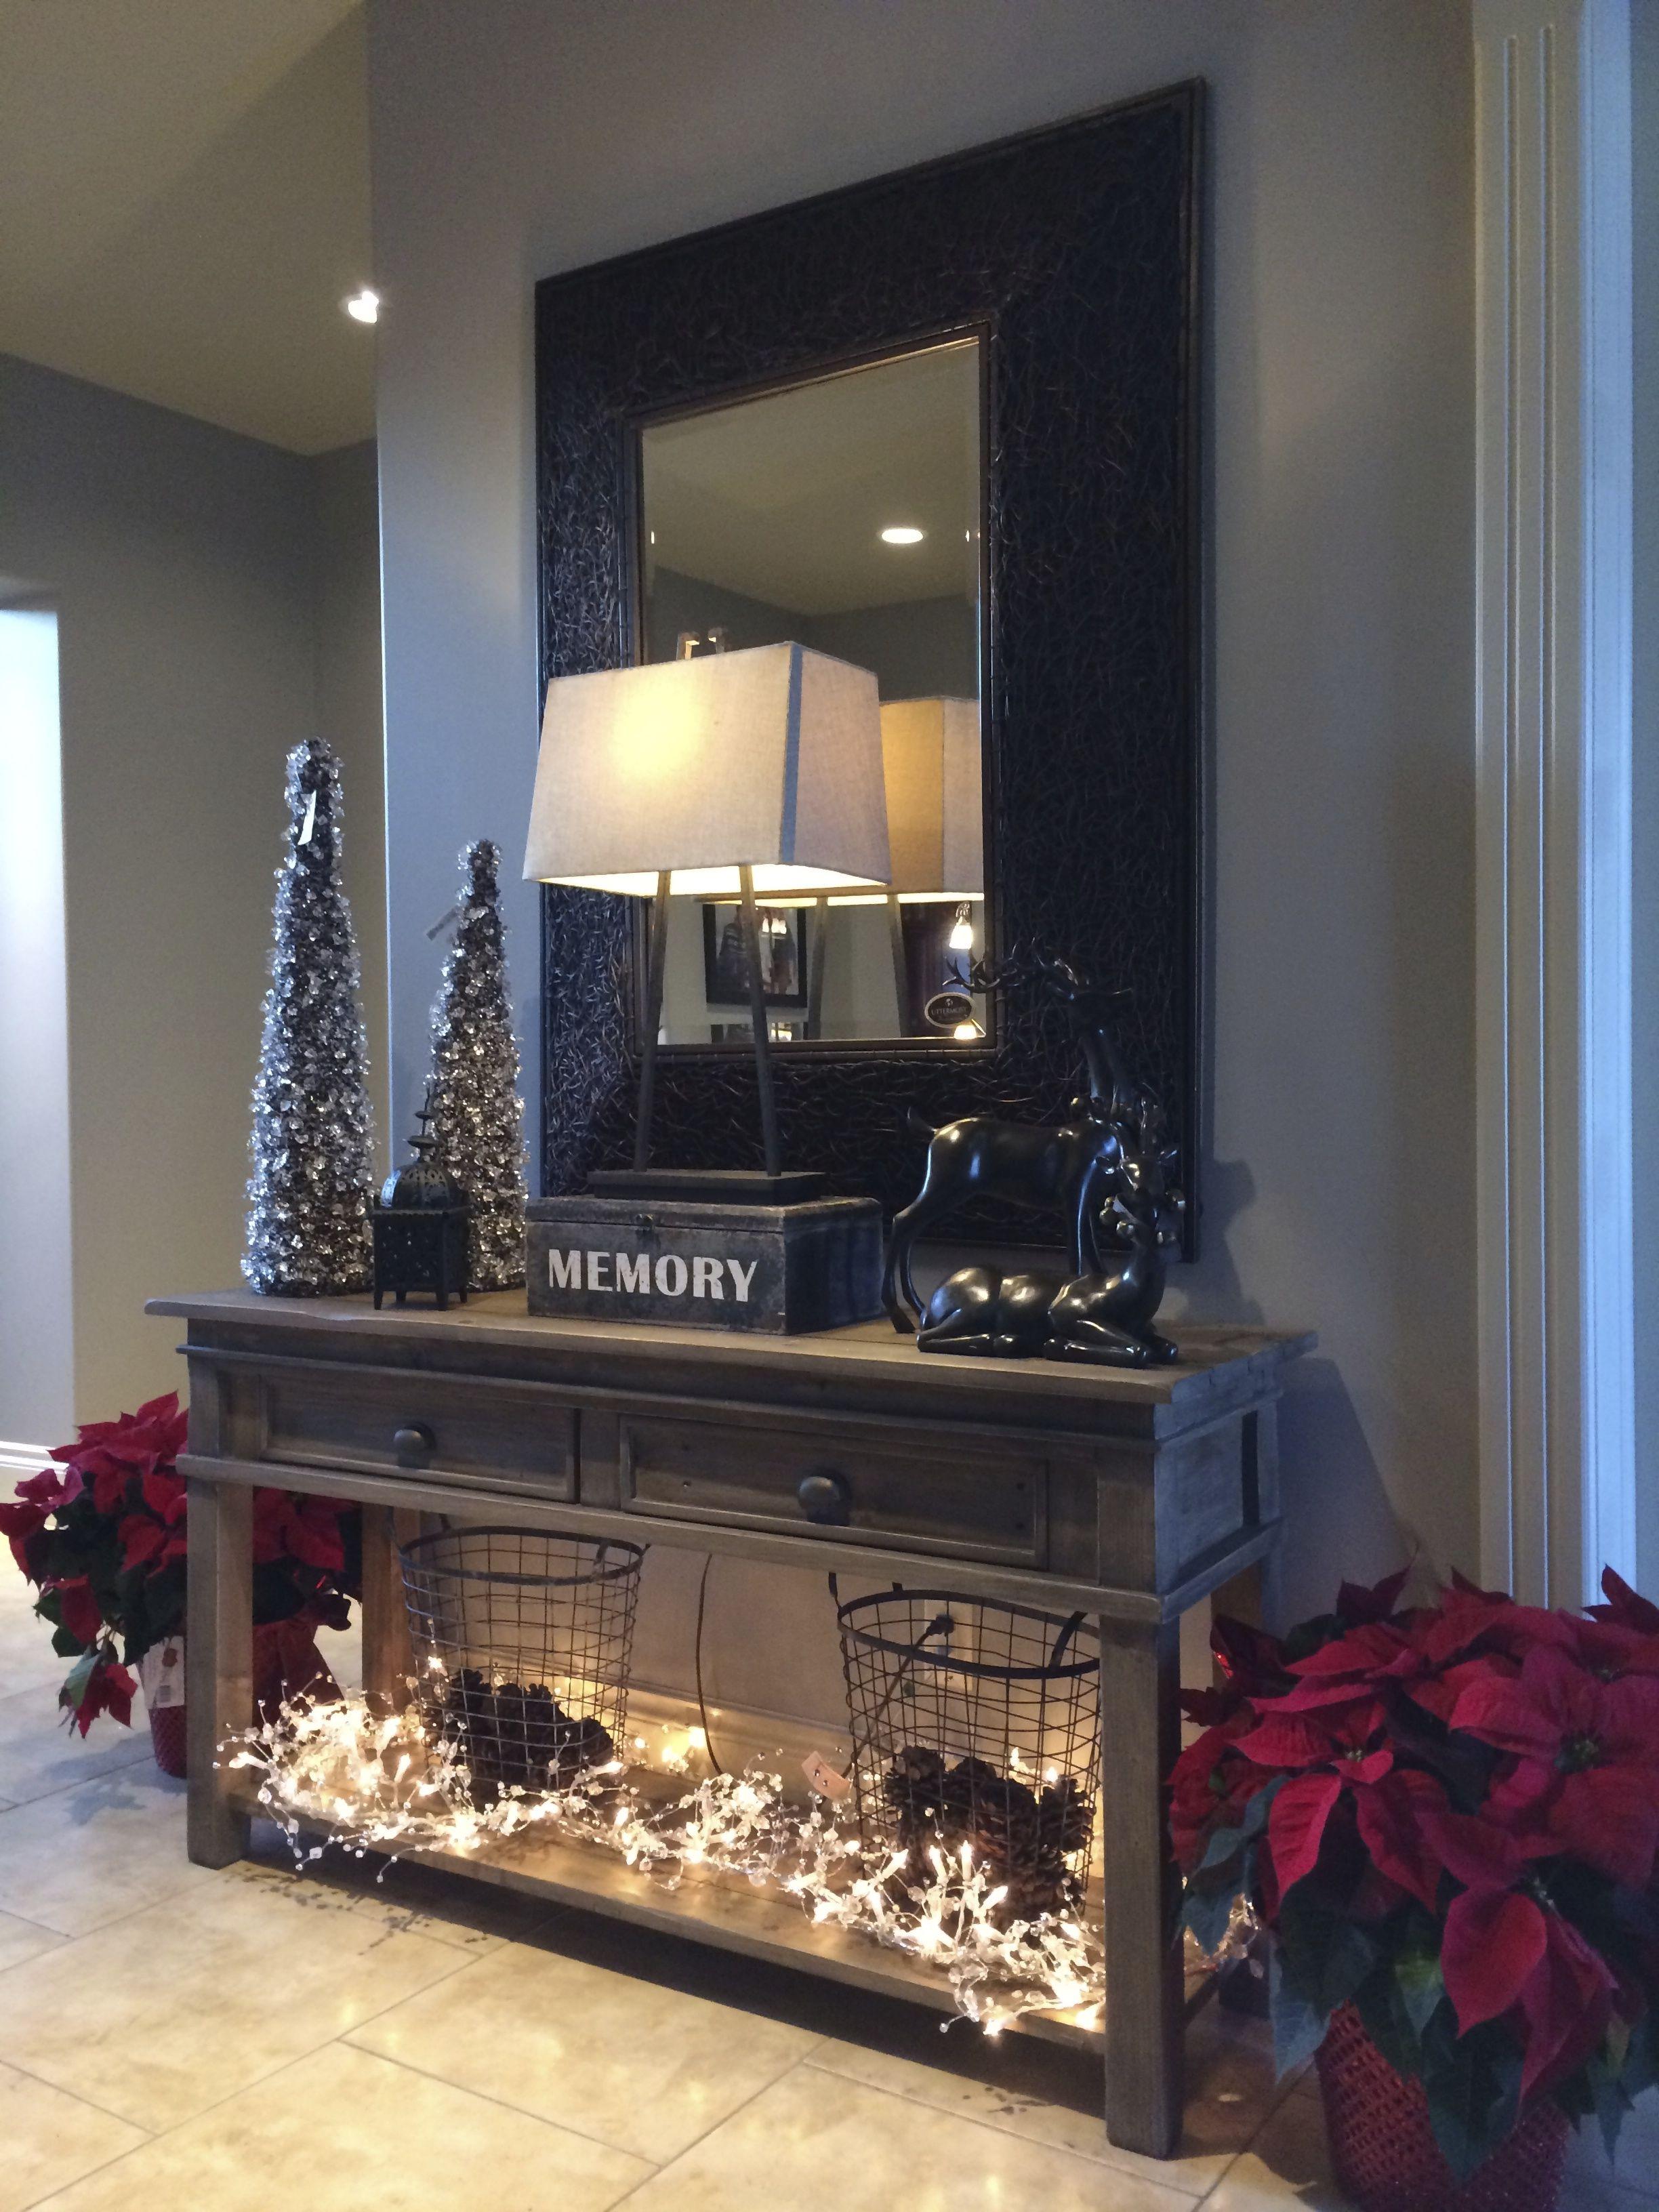 Entry Hallway Decor Idea Poinsettias Christmas Lights